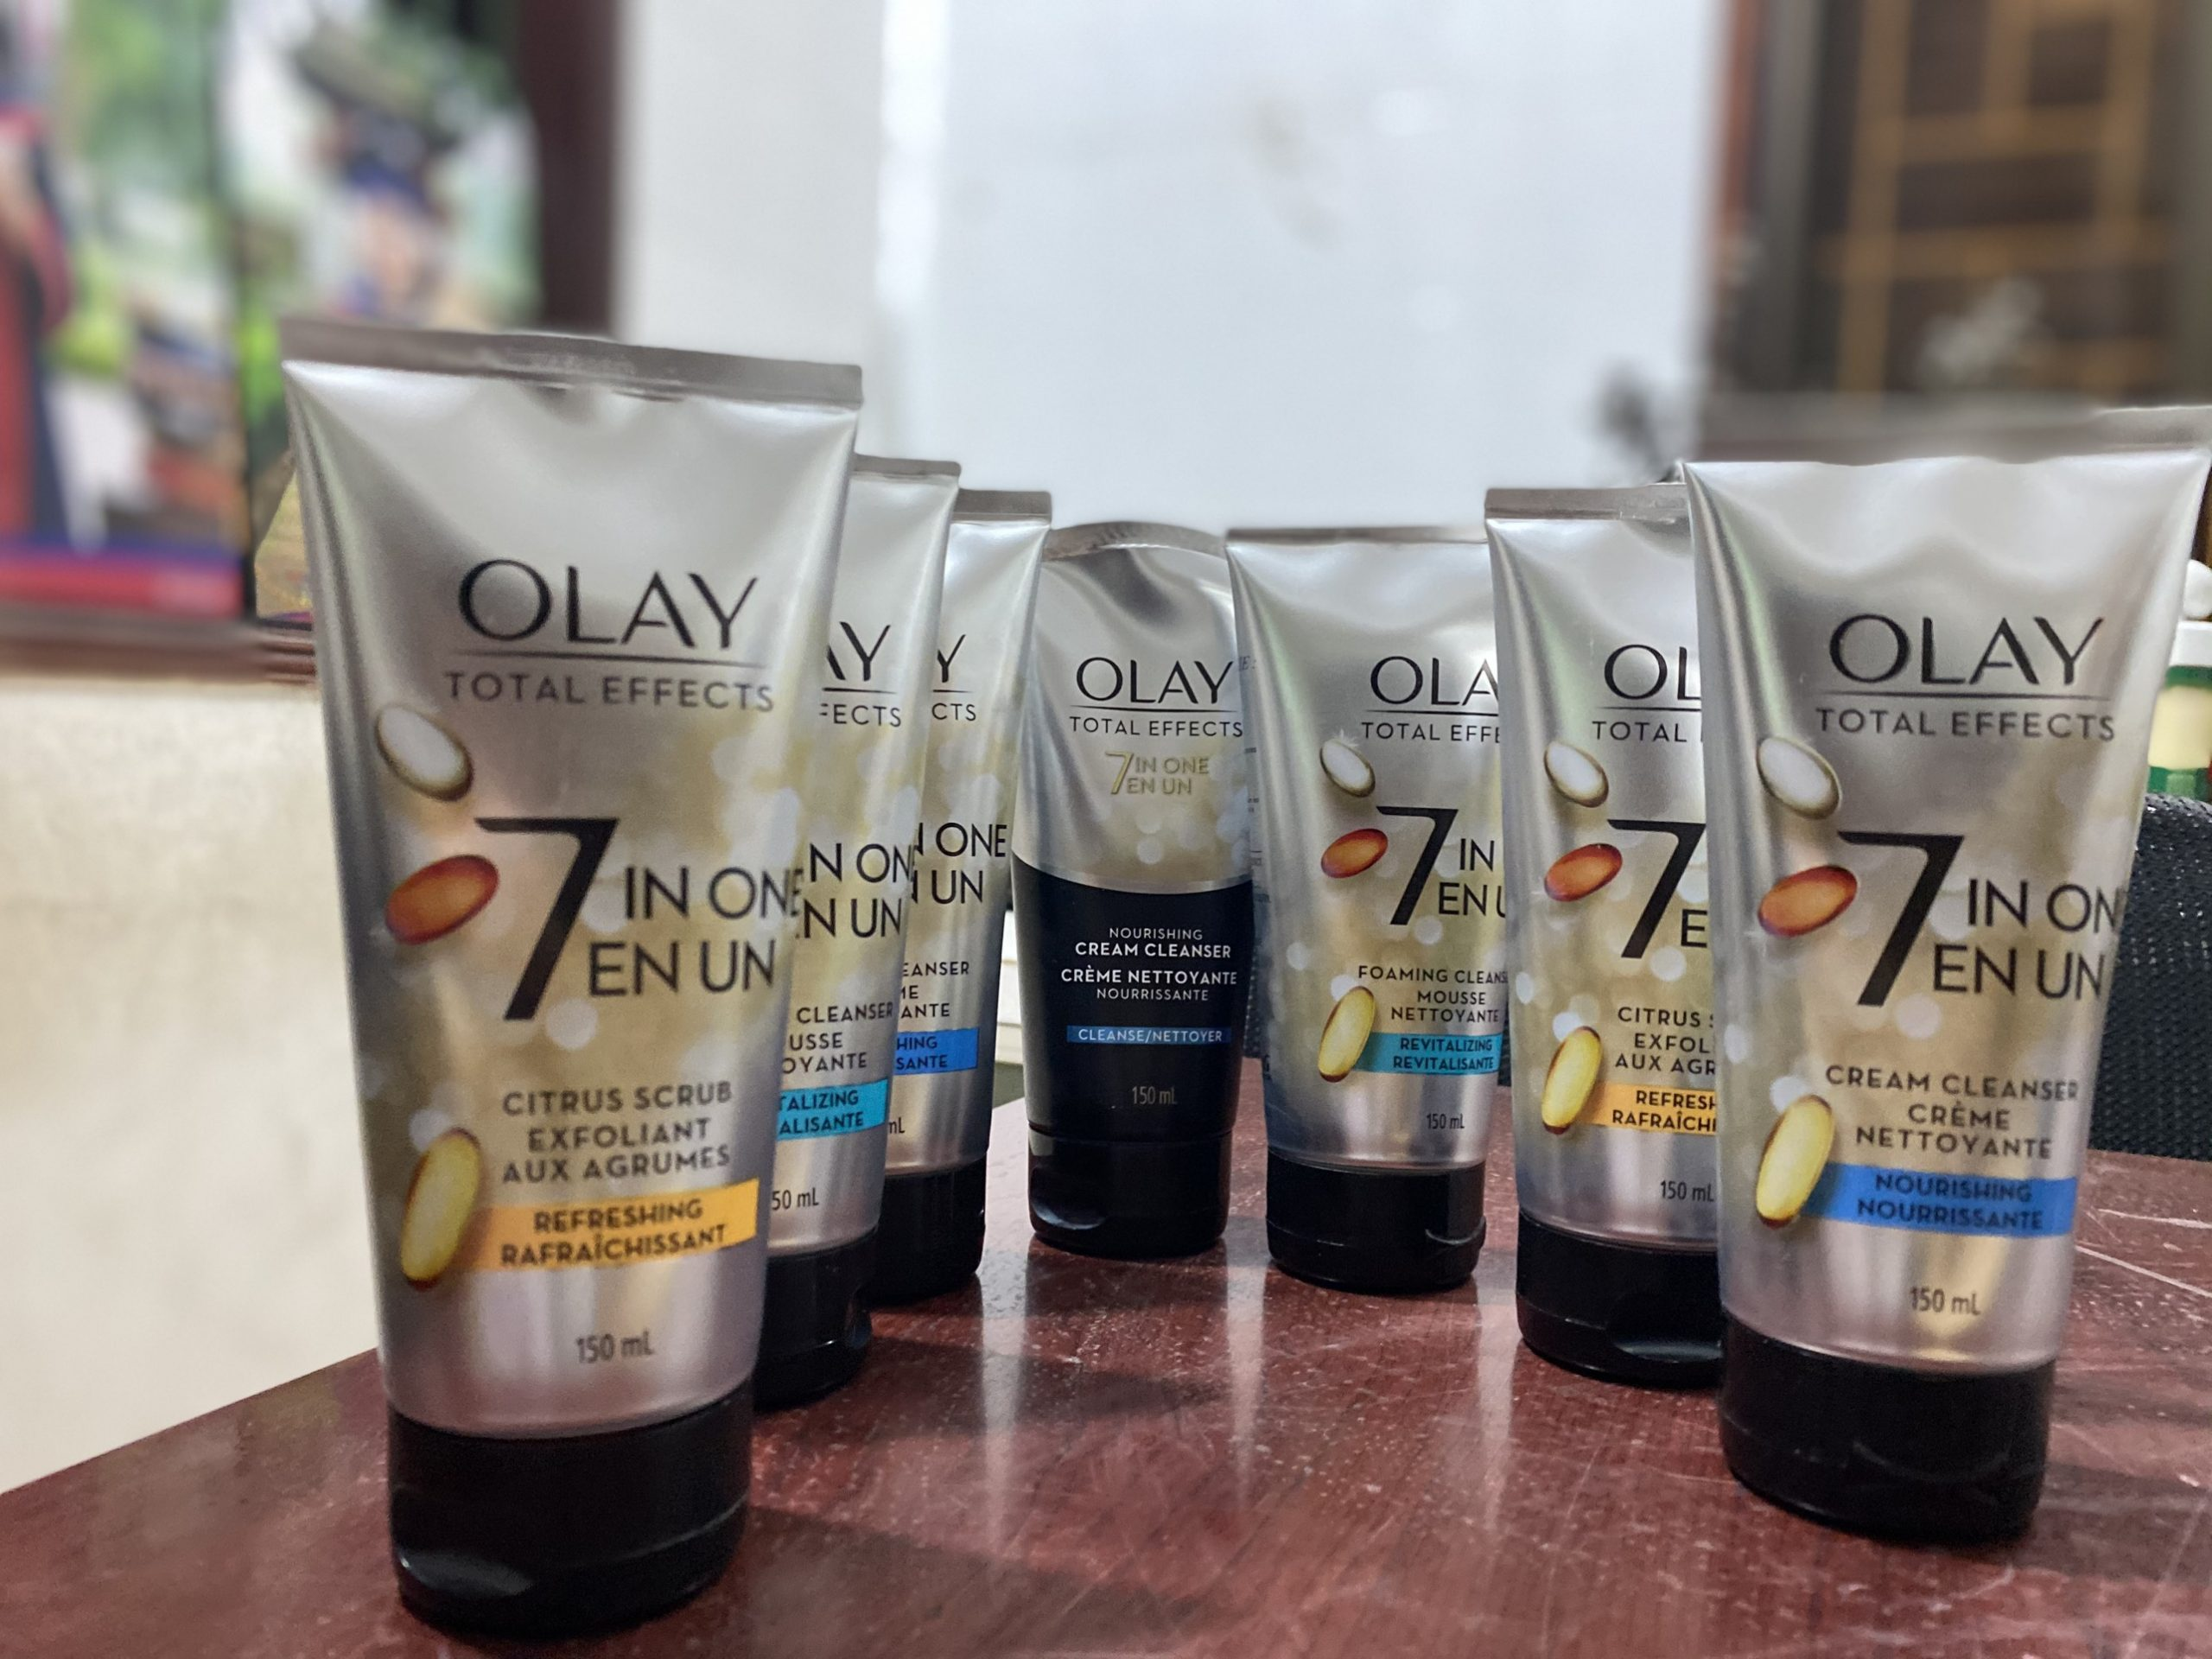 Dịch vụ mua hộ chuyển phát nhanh sản phẩm dưỡng tóc từ Anh về Việt Nam